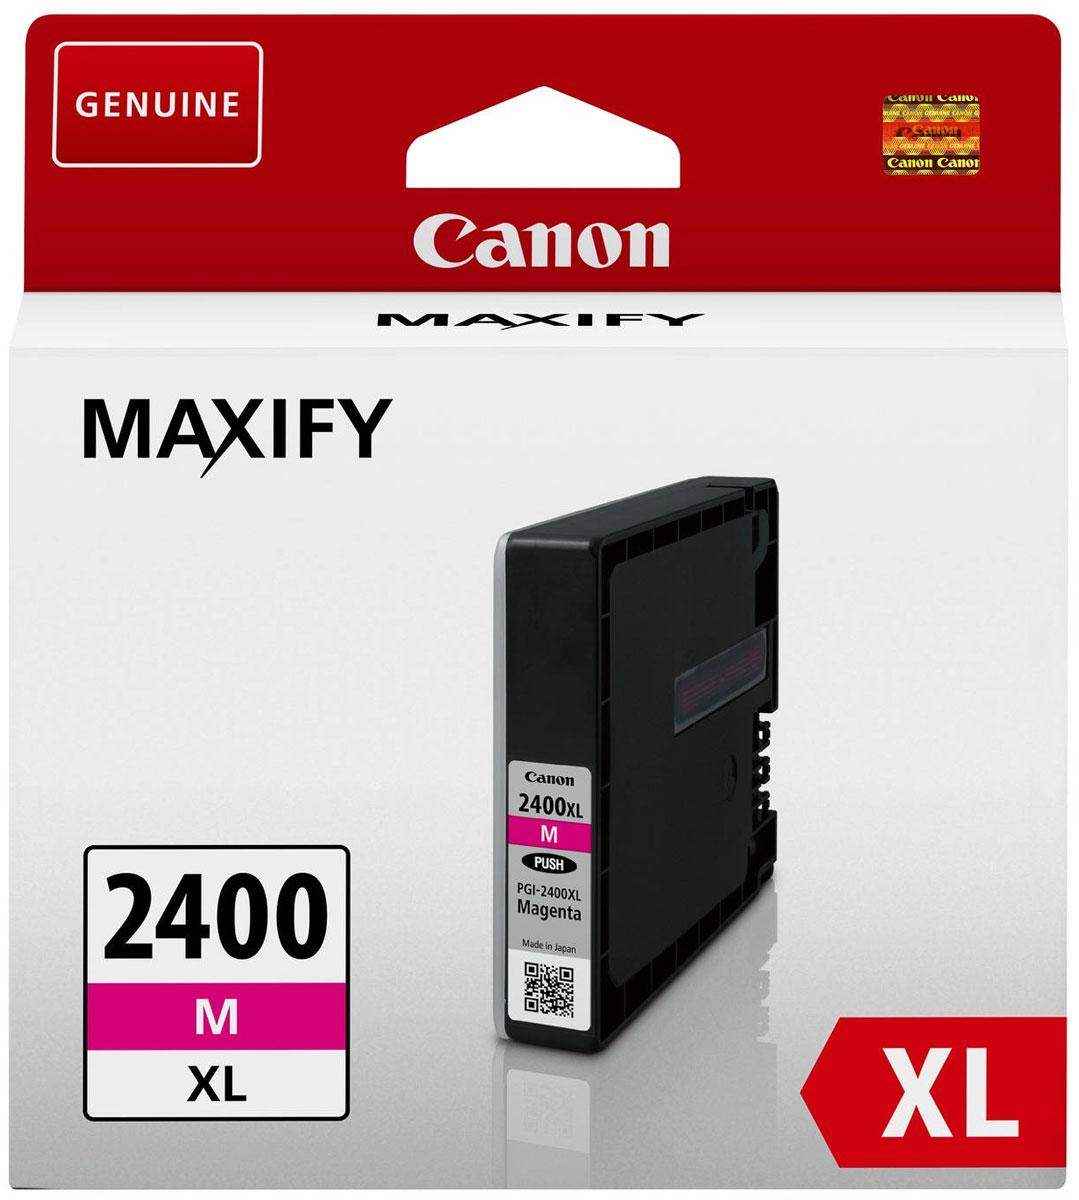 Canon PGI-2400XL, Magenta картридж для Maxify iB4040/МВ5040/МВ53409275B001Оригинальный картридж Canon PGI-2400XL с оригинальными чернилами гарантирует профессиональный вид печатаемых документов и высокую производительность. Надежная печать без проблем. Точная цветопередача и быстрое высыхание. Для получения красивых и долговечных отпечатков сделайте выбор в пользу чернил Canon.